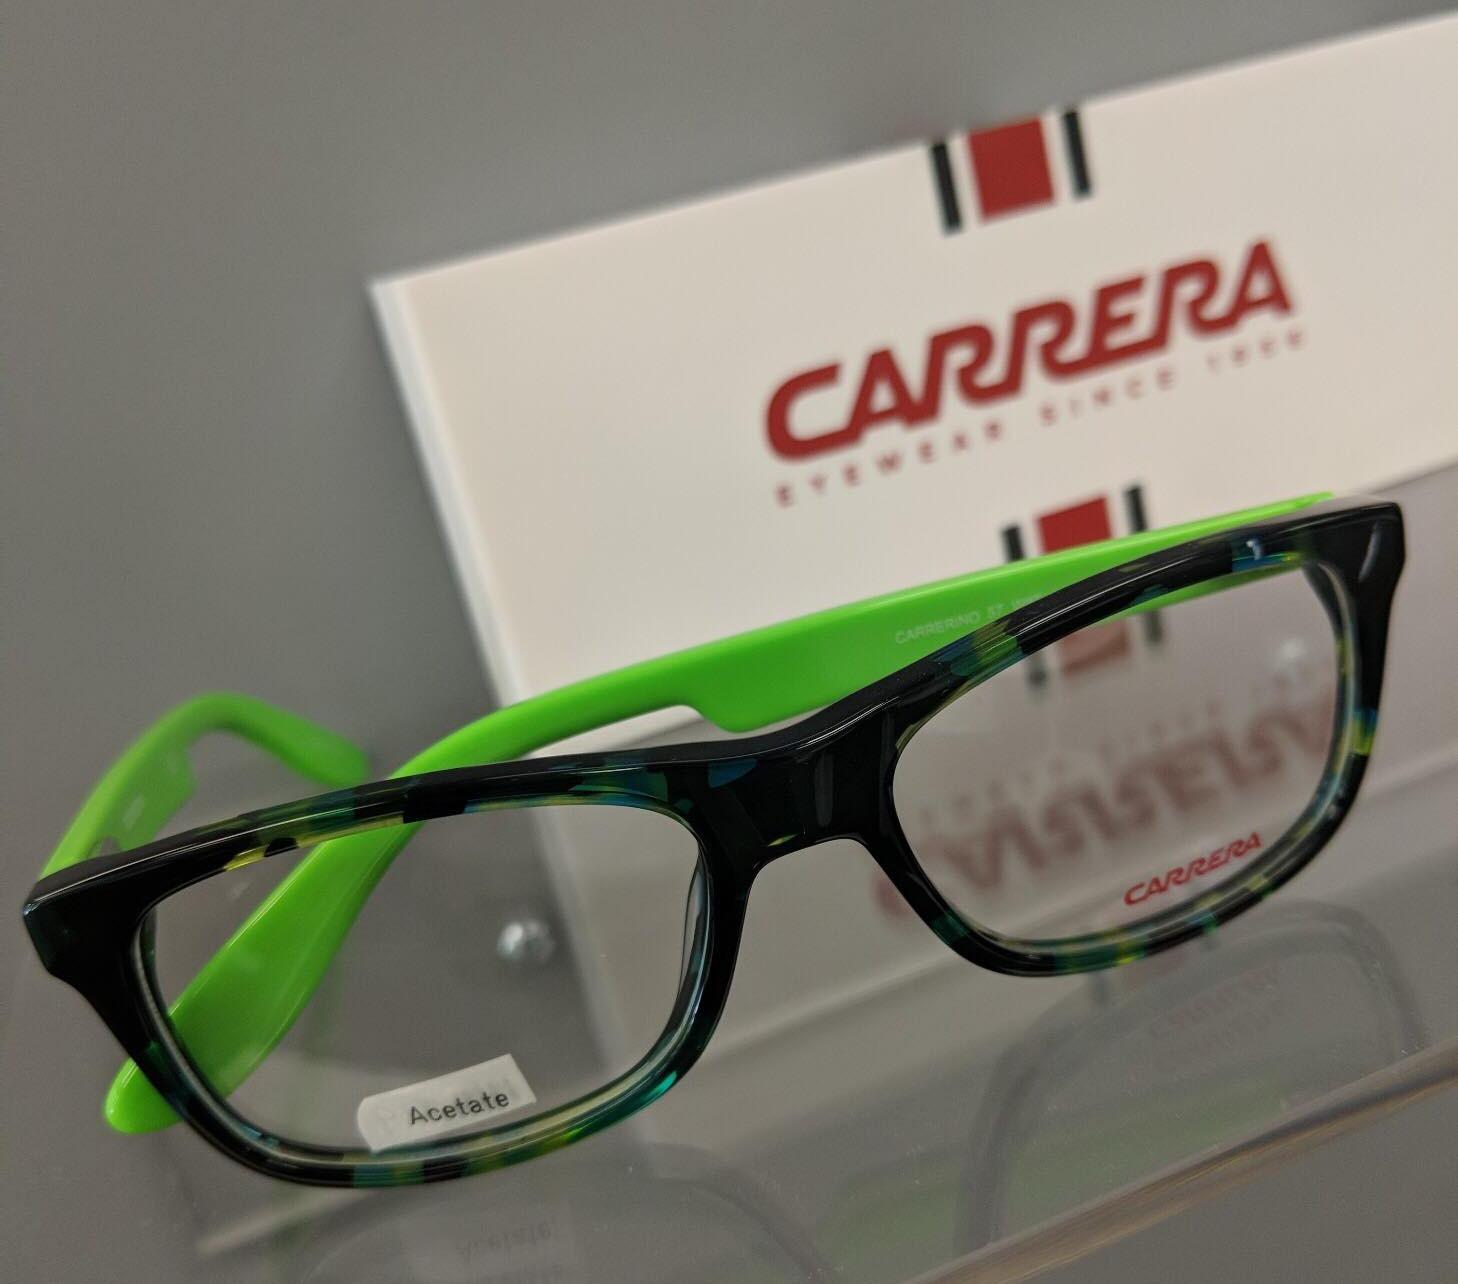 Carozza Eye Care image 14